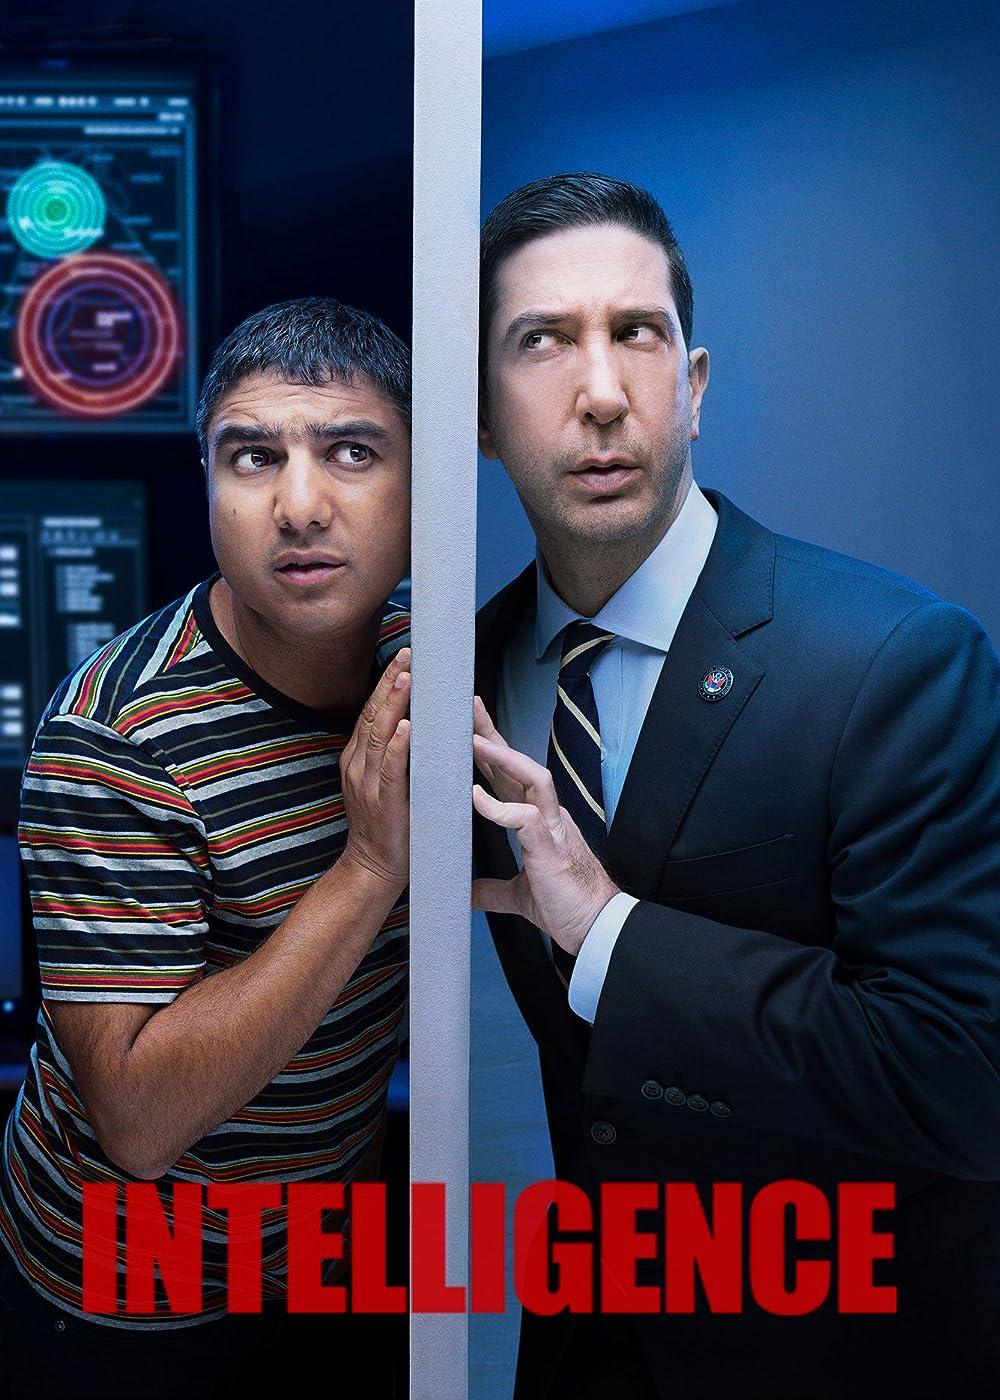 Filmbeschreibung zu Intelligence